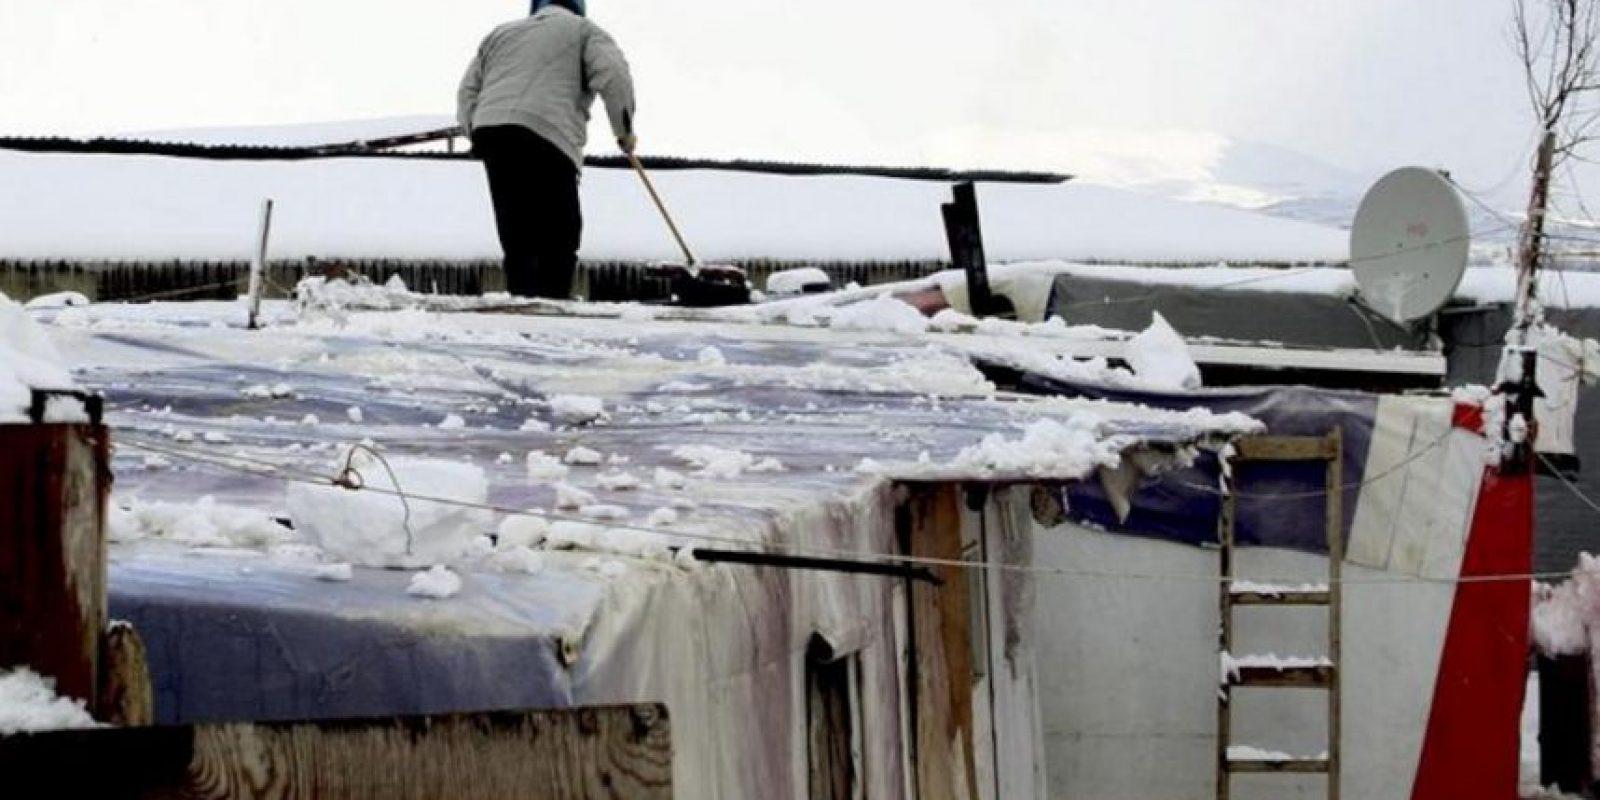 Un refugiado sirio limpia la nieve del techo de su tienda de campaña en la villa de Deirzanoun, en el valle de Bekaa, en el este del Líbano. EFE/Archivo